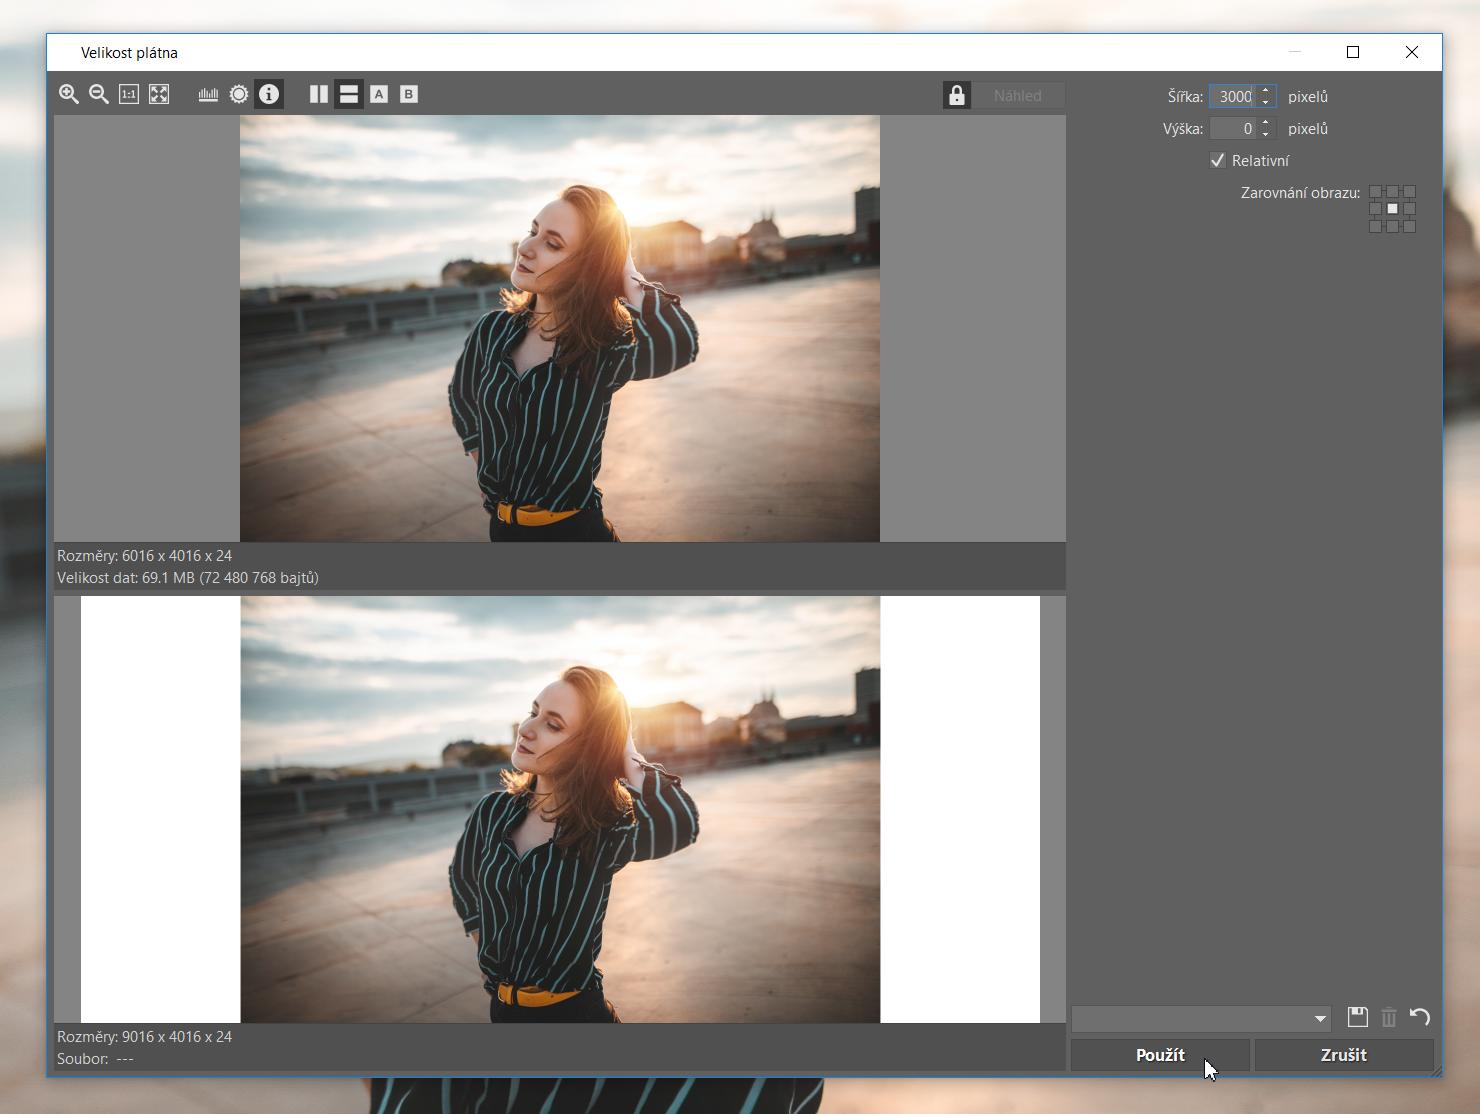 Roztáhněte si fotku do širokého formátu - nastavení rozšíření fotografie